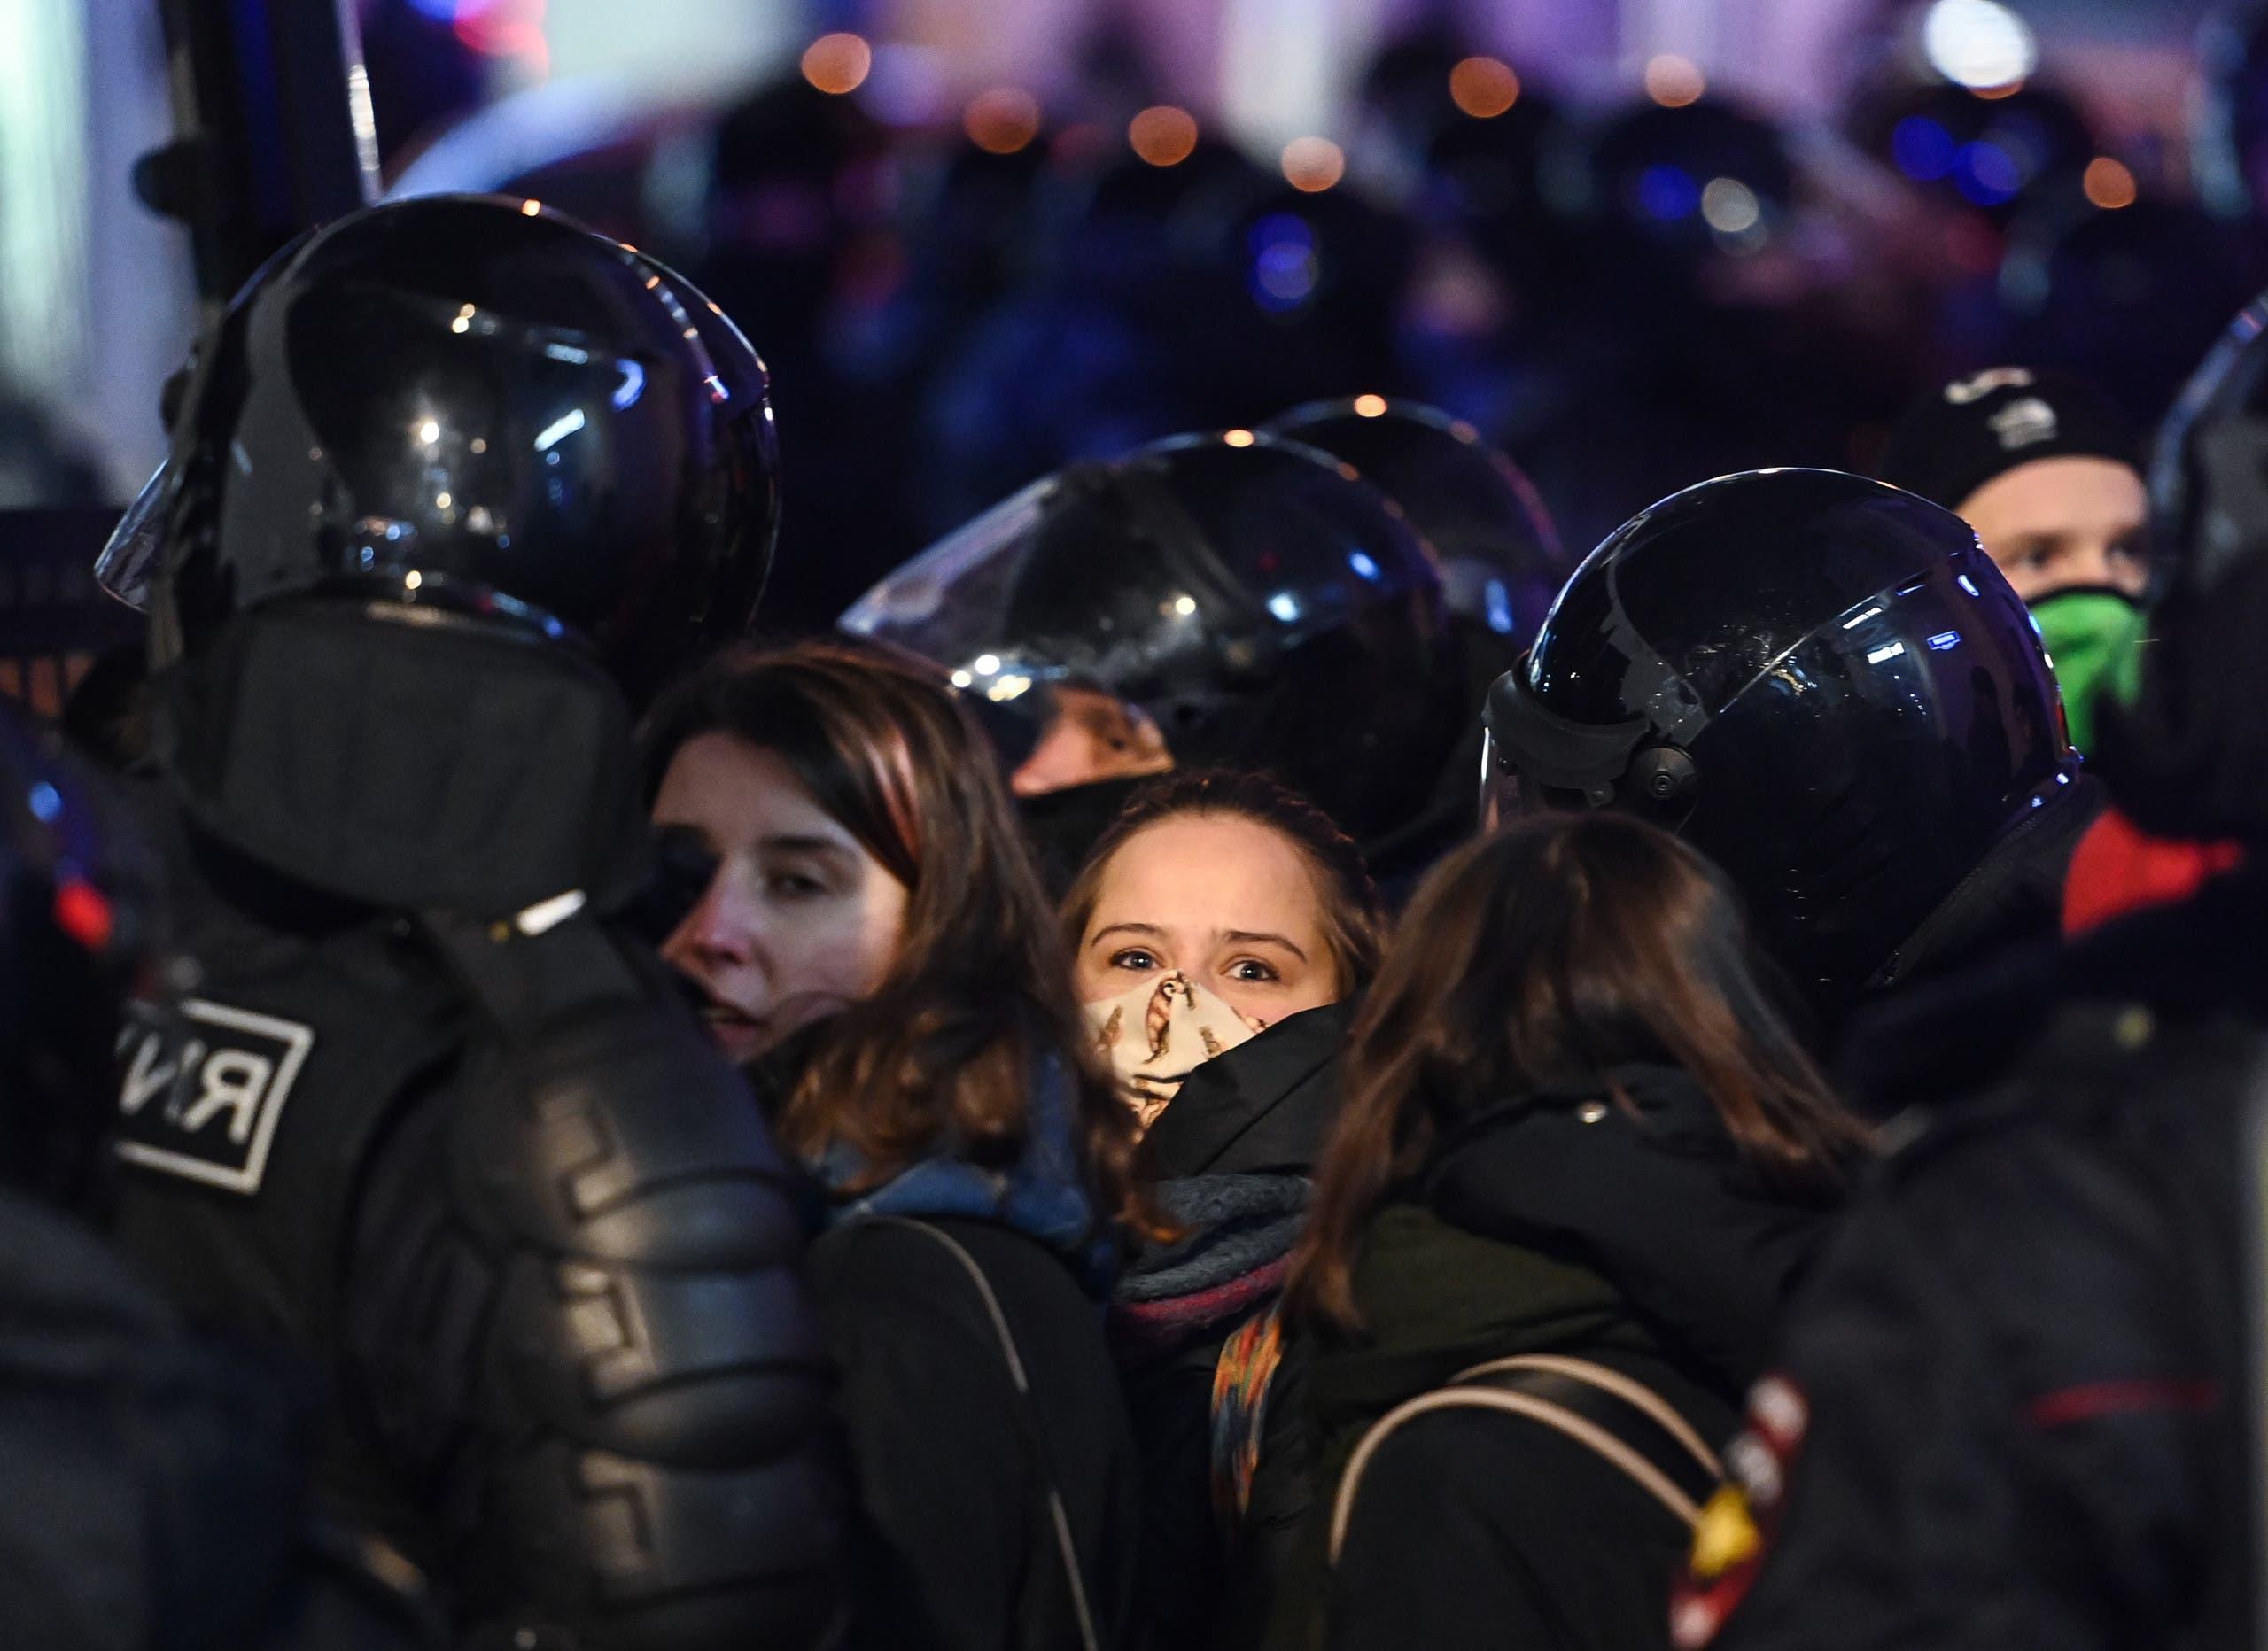 اعتقال أشخاص مشاركين في الاحتجاجات وسط موسكو يوم 2 فبراير